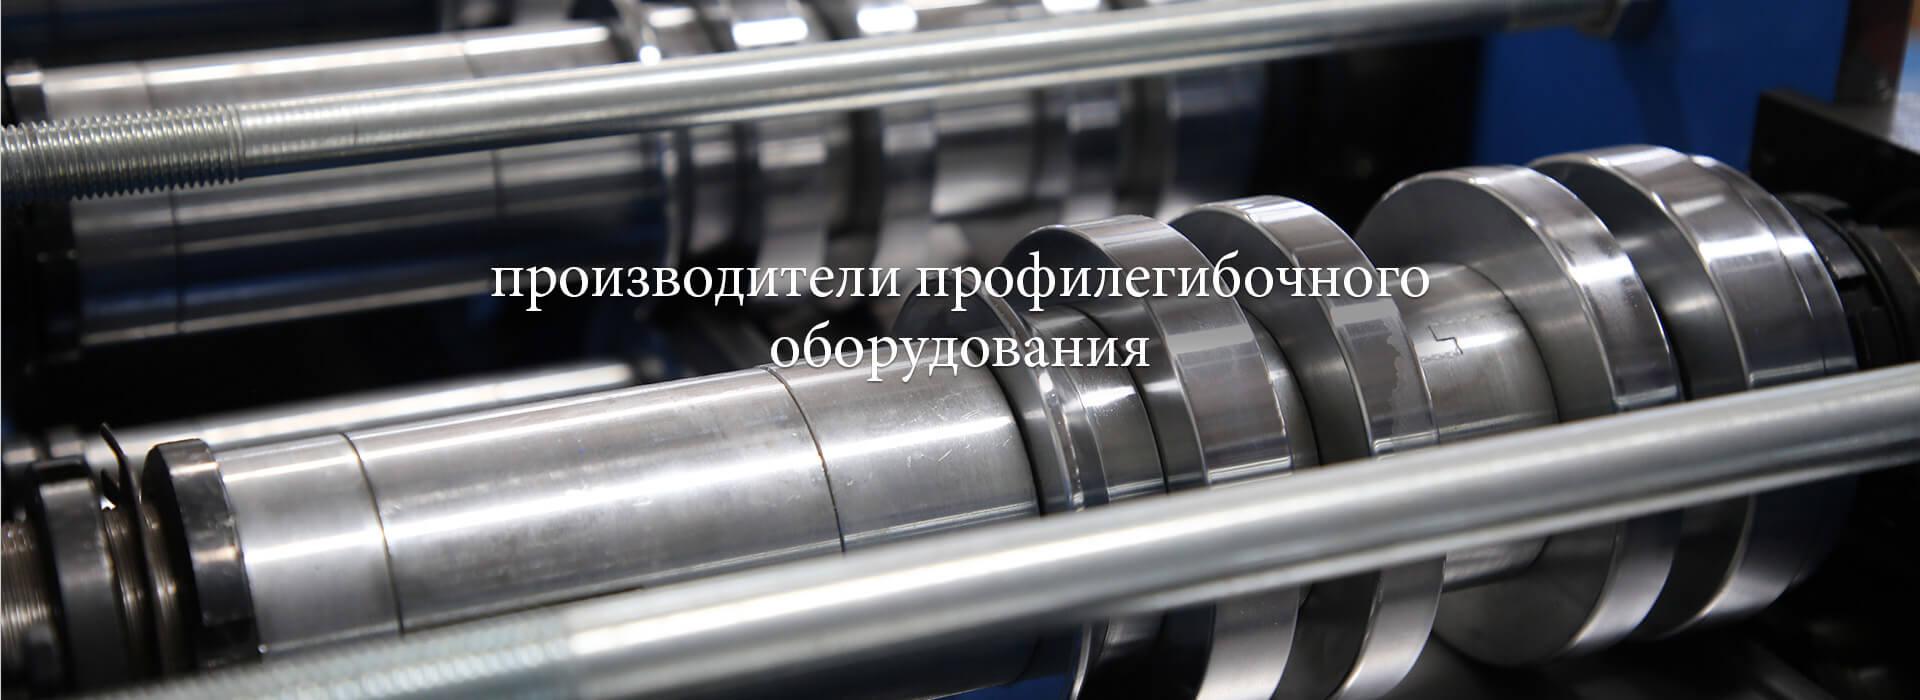 производители профилегибочного оборудования